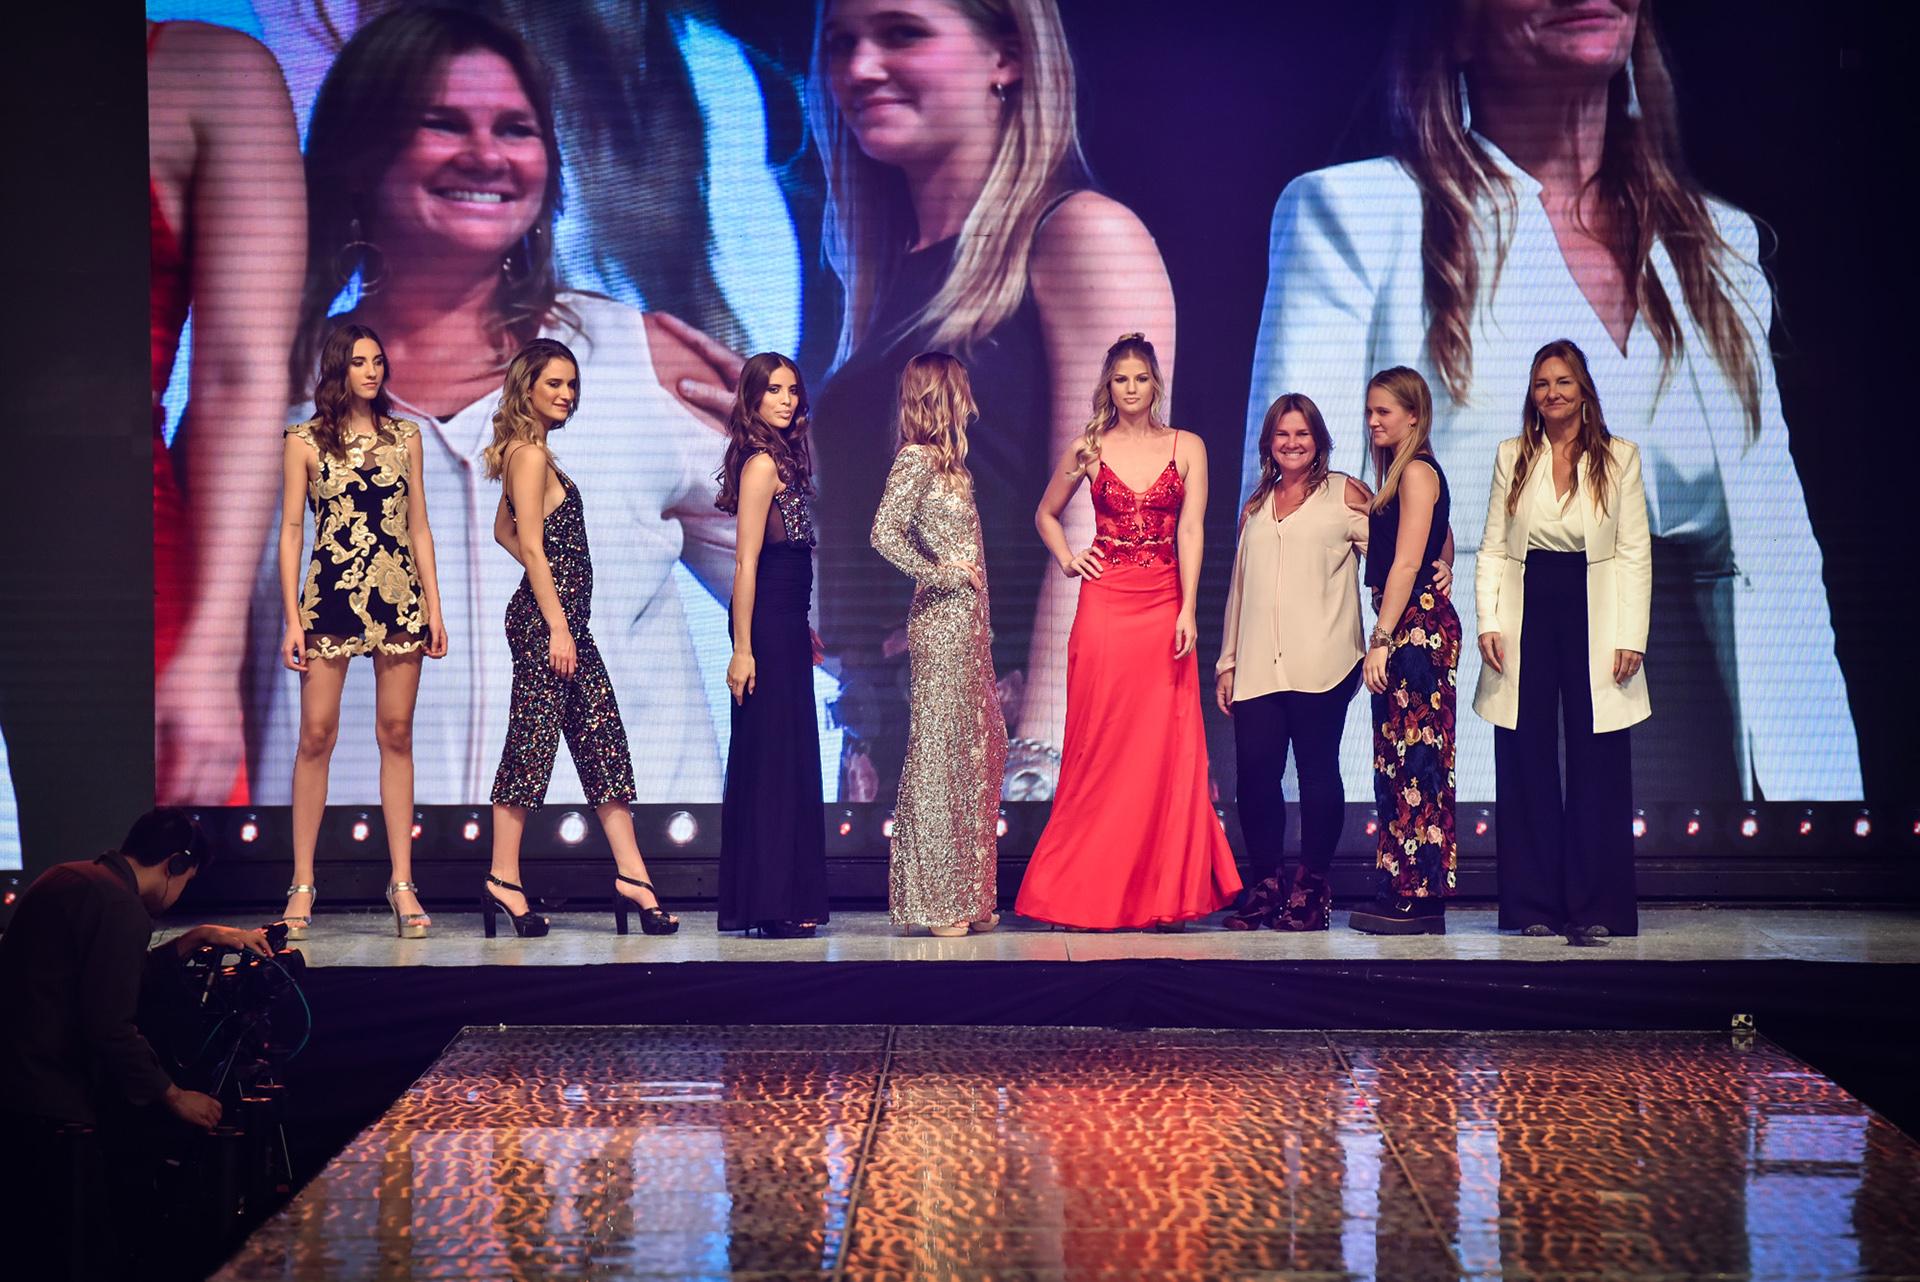 La modelo Pía Slapka fue la encargada de cerrar la propuesta de Ciara, acompañada por las tres diseñadoras de la marca